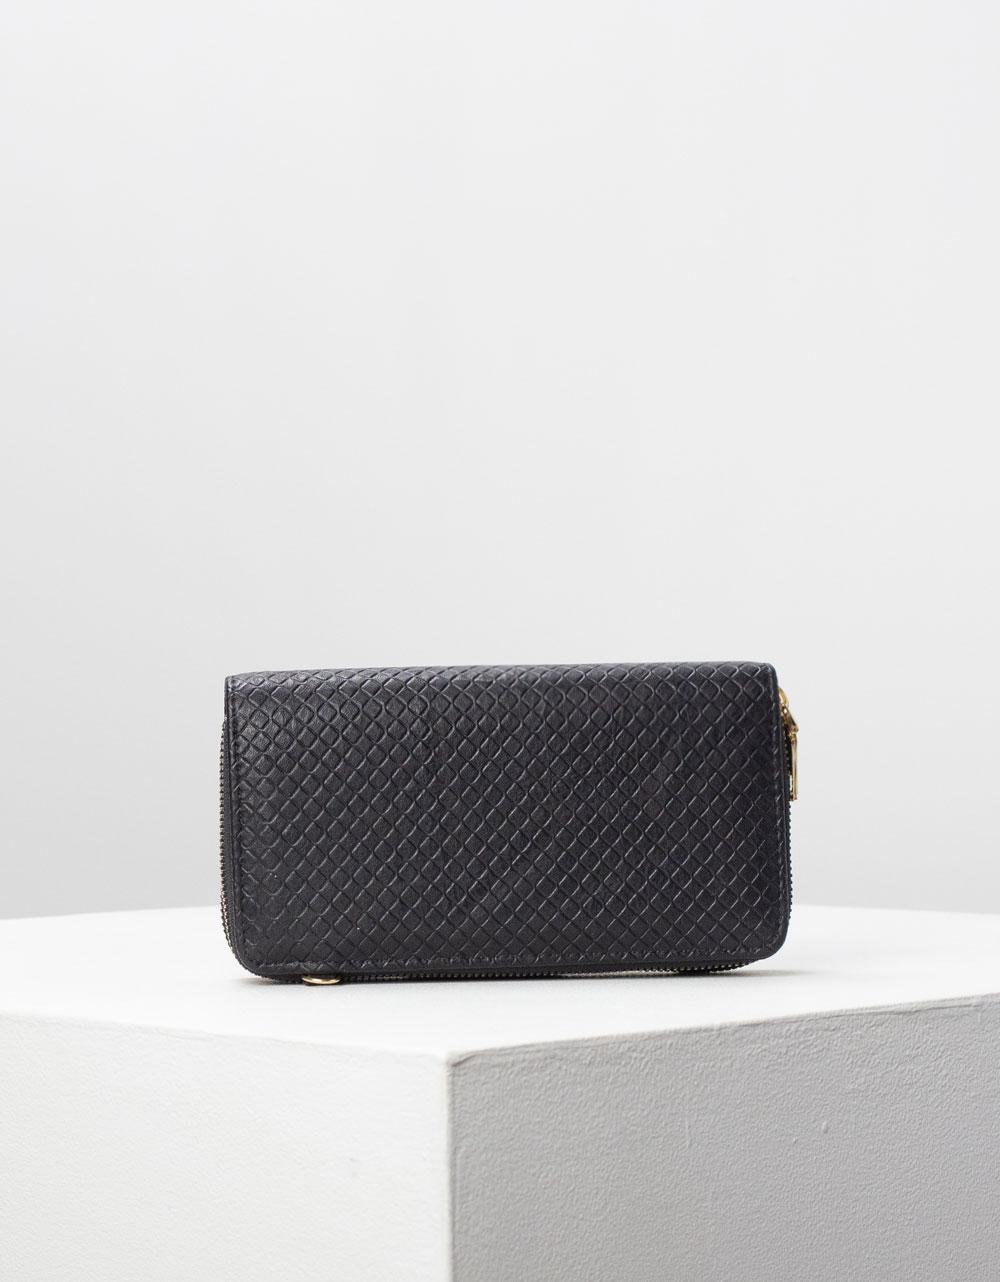 Εικόνα από Γυναικείο πορτοφόλι basic μονόχρωμο Μαύρο